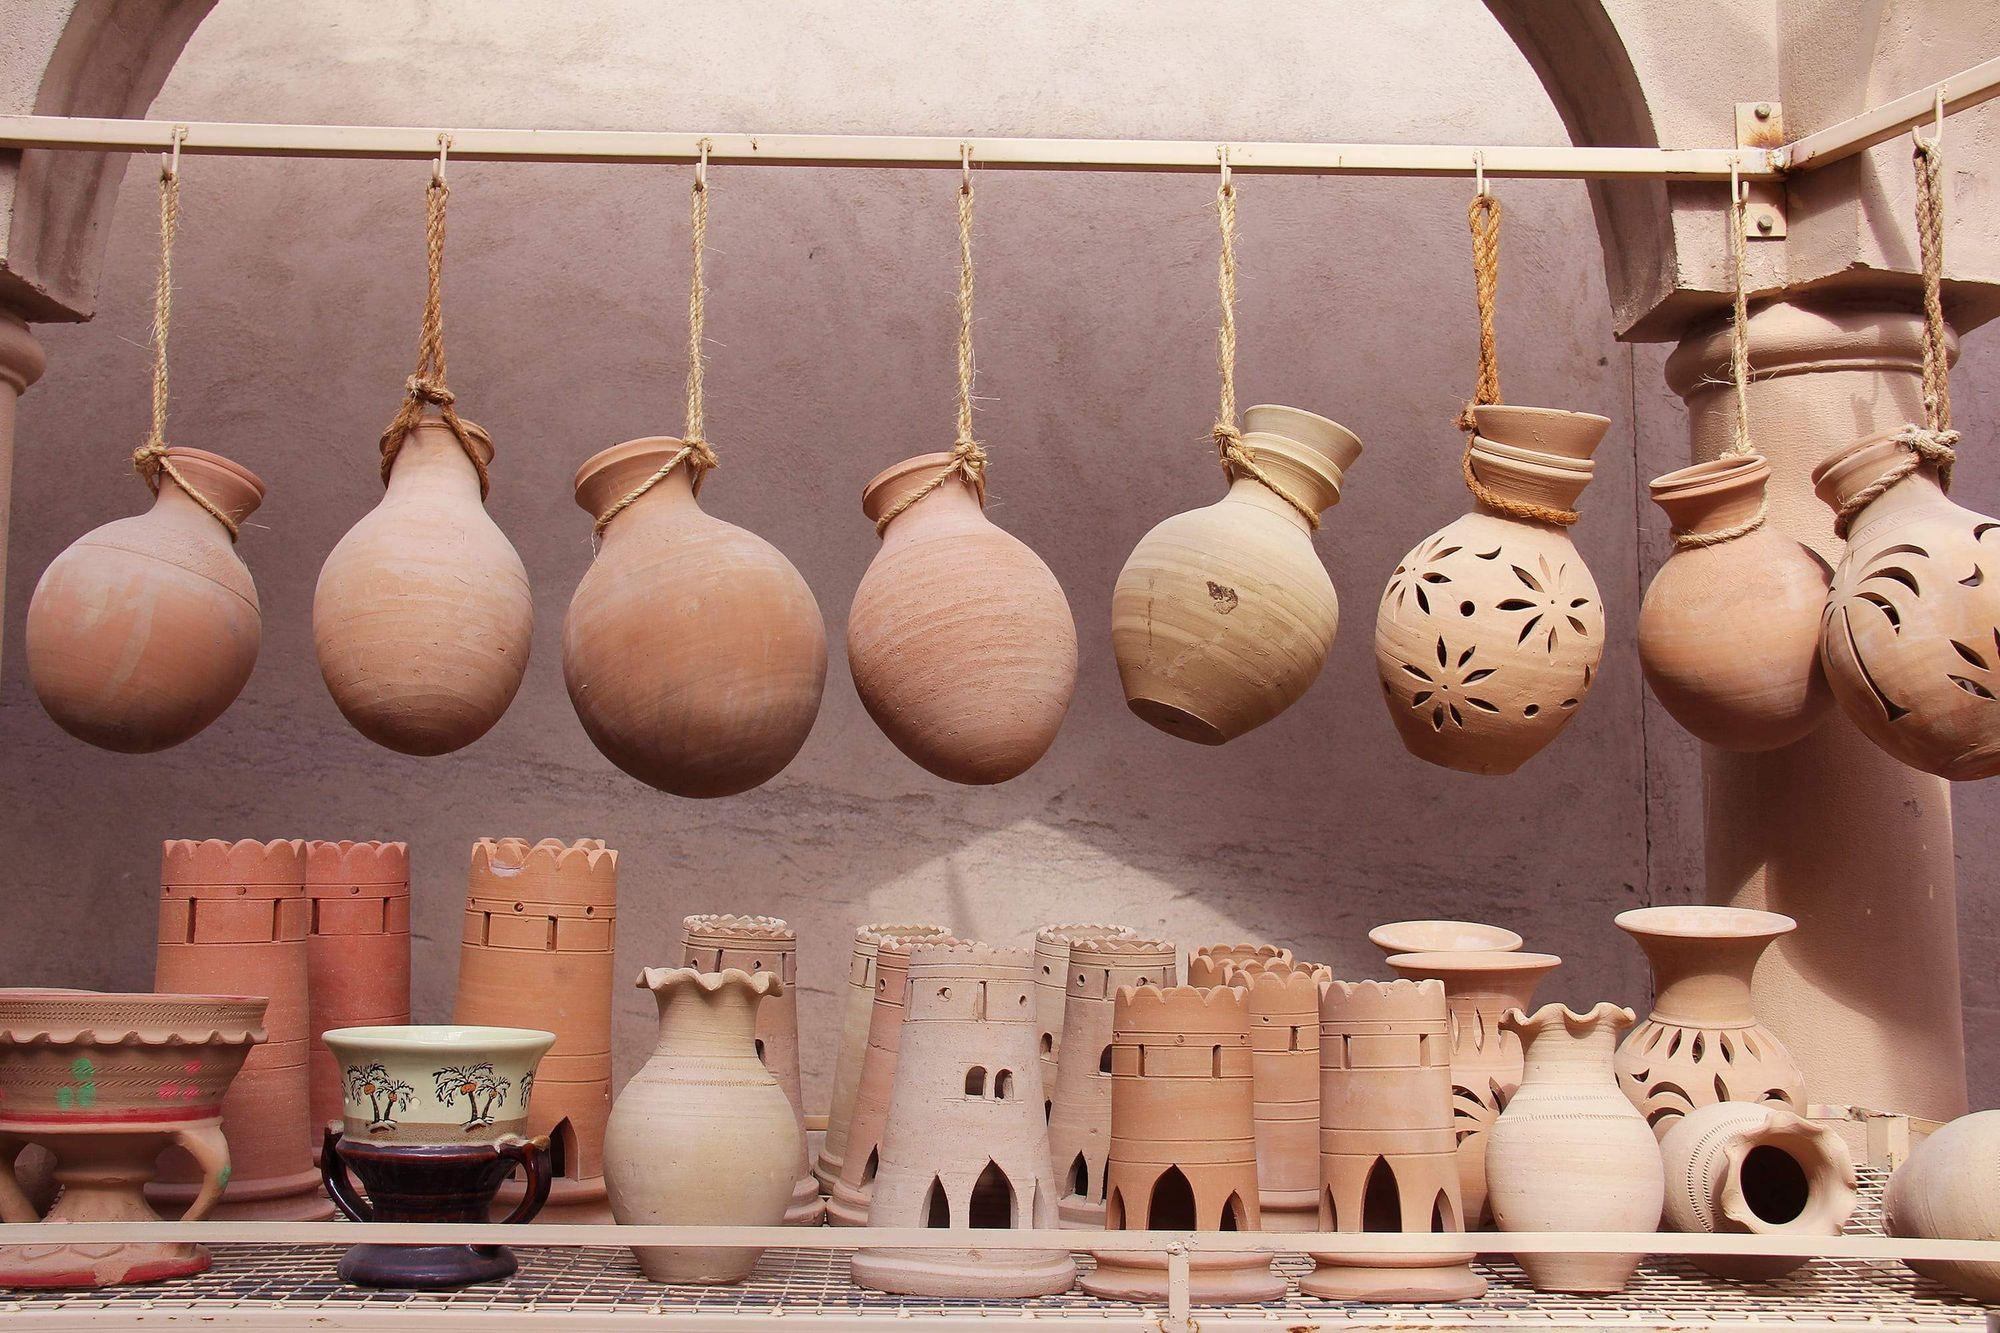 Fotografi av gamle, forhistoriske aromadiffusere